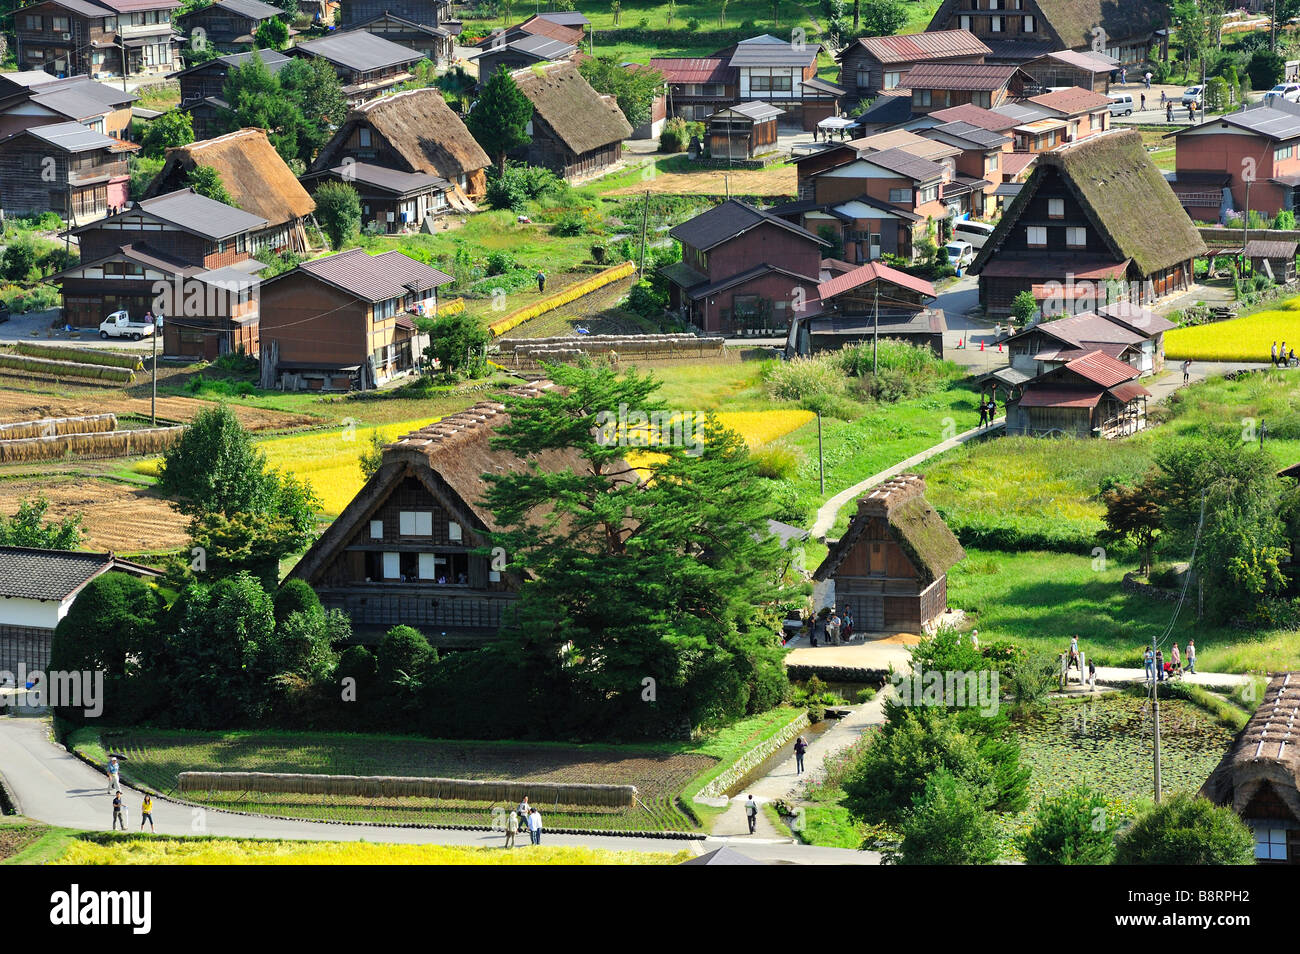 Shirakawa-go, Gifu Prefecture, Japan - Stock Image